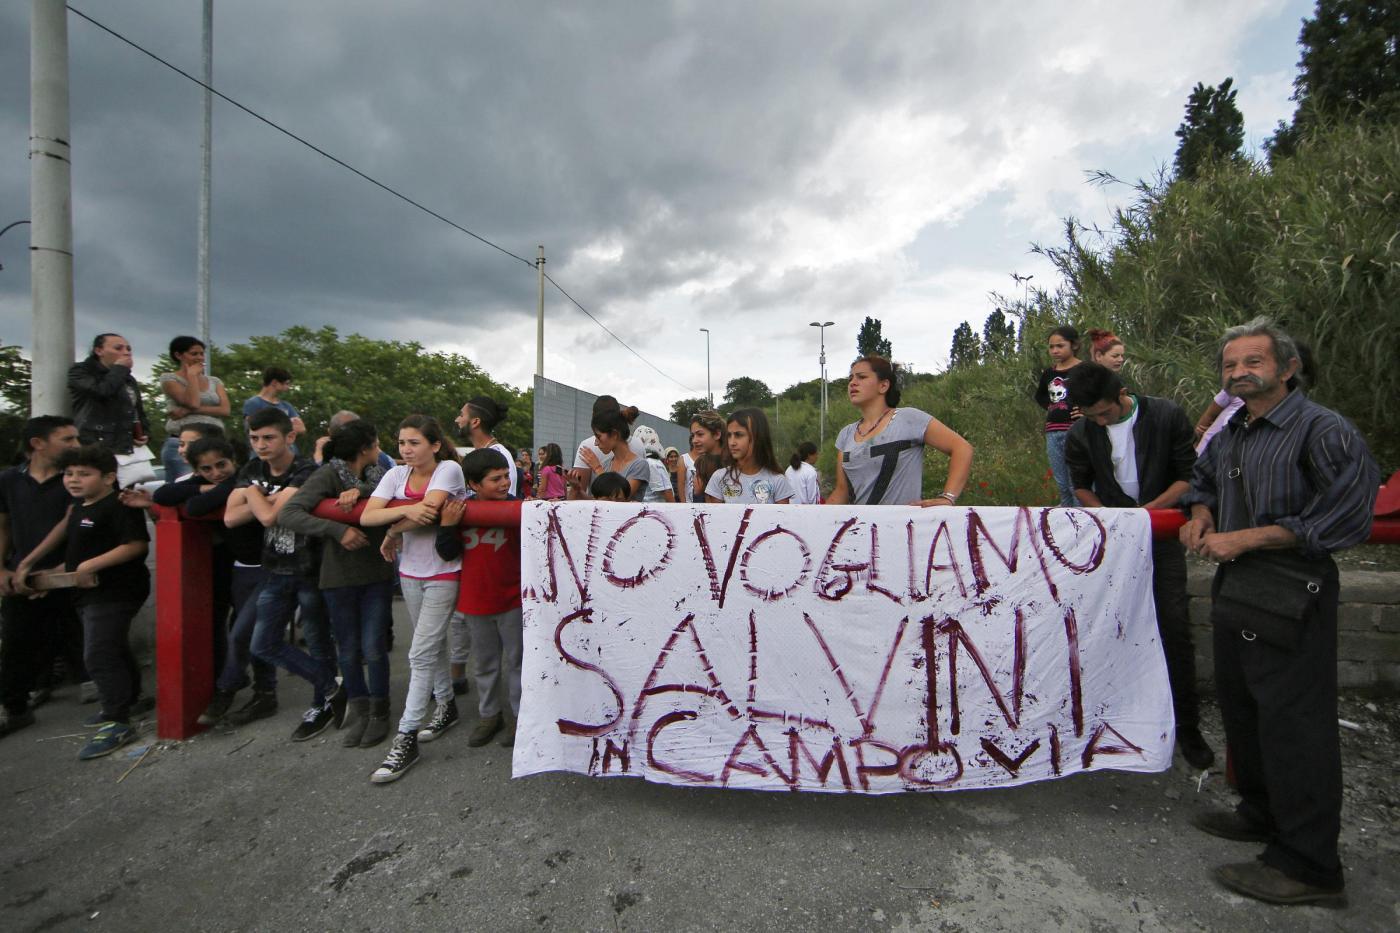 Matteo Salvini e Giorgia Meloni visitano il campo rom di Via Candoni